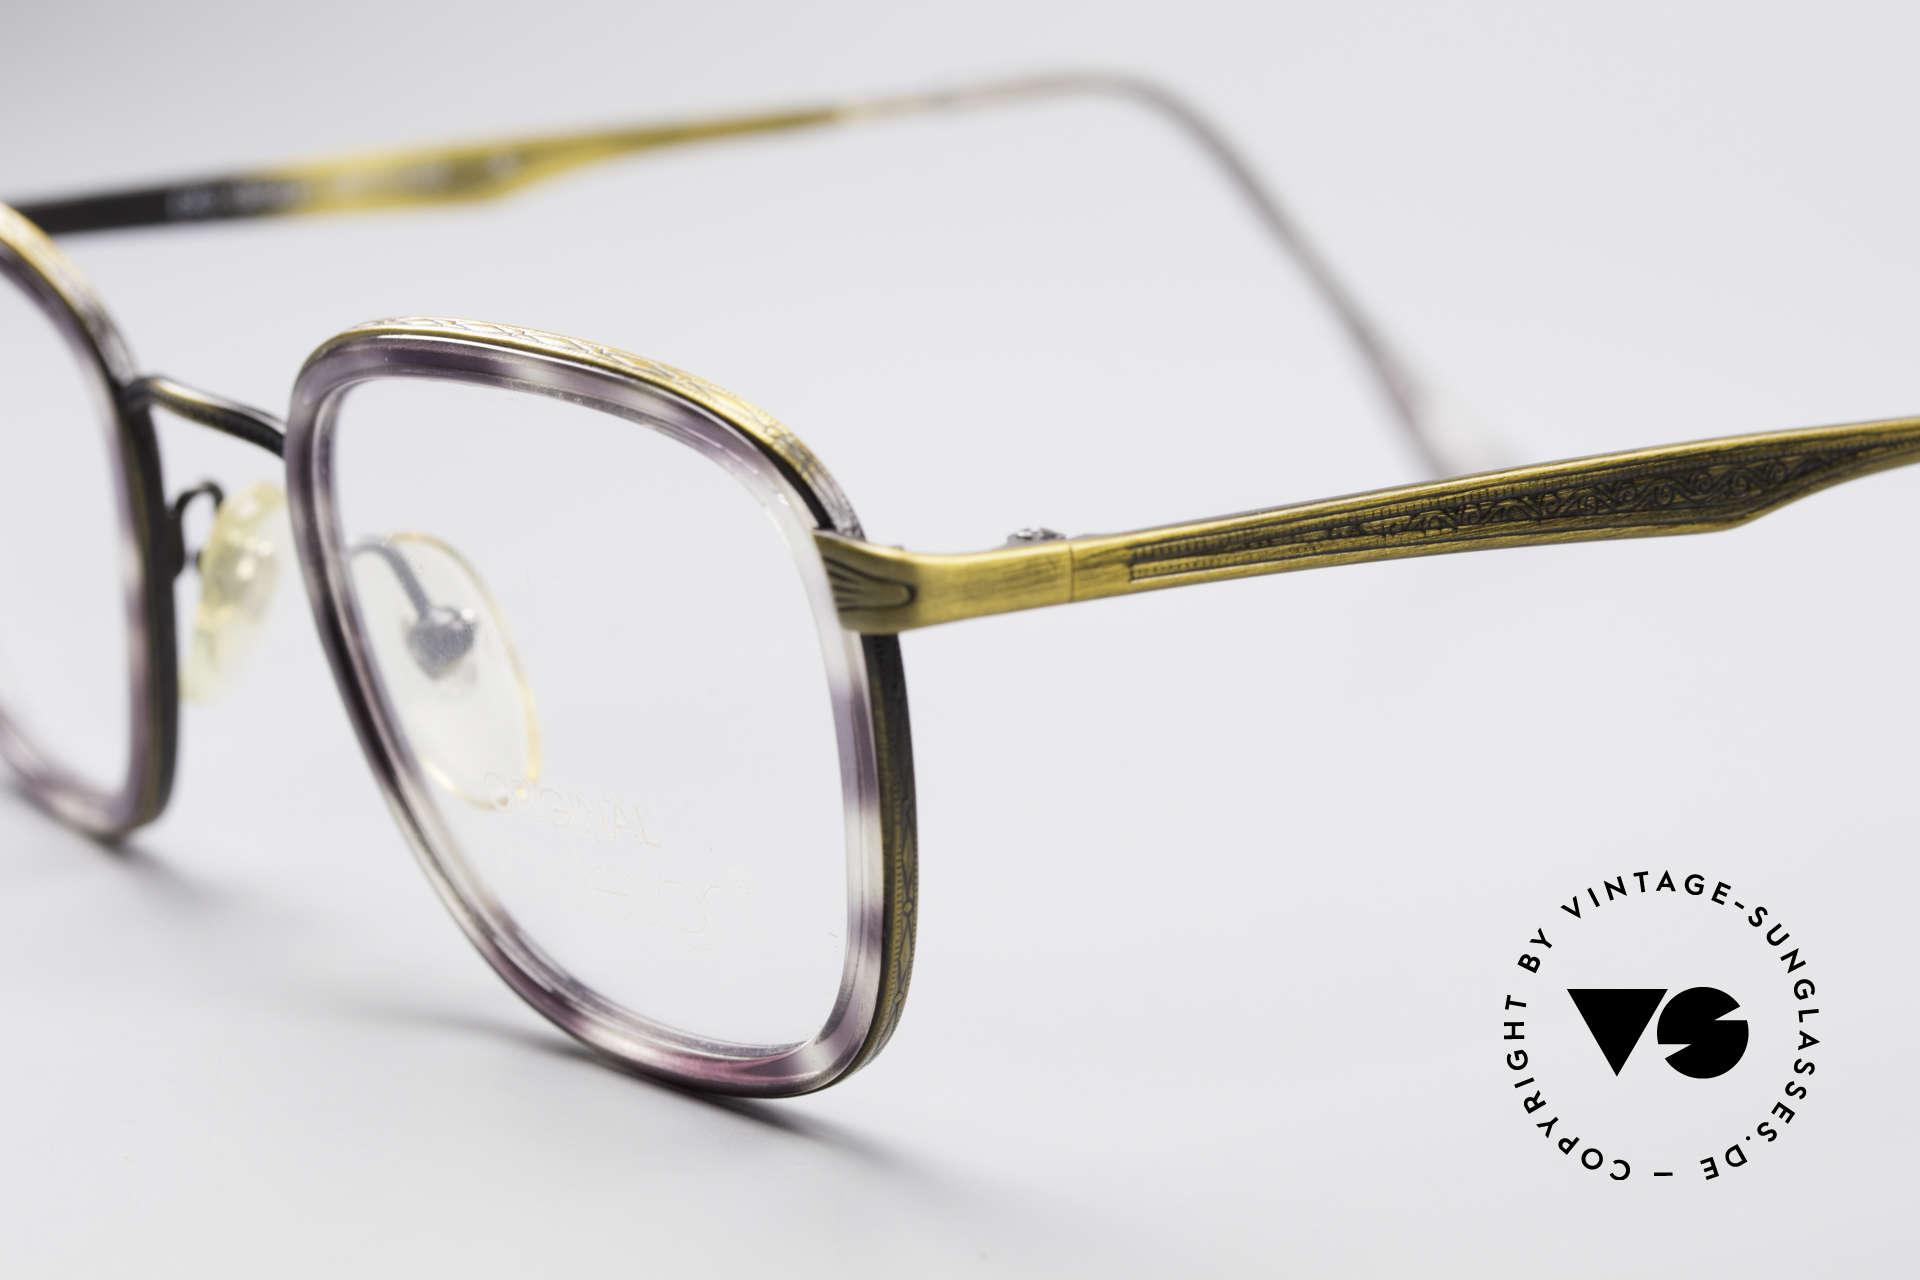 ProDesign Denmark Club 88A Vintage Brille, tolle Farbkombination (violett havanna / messing), Passend für Herren